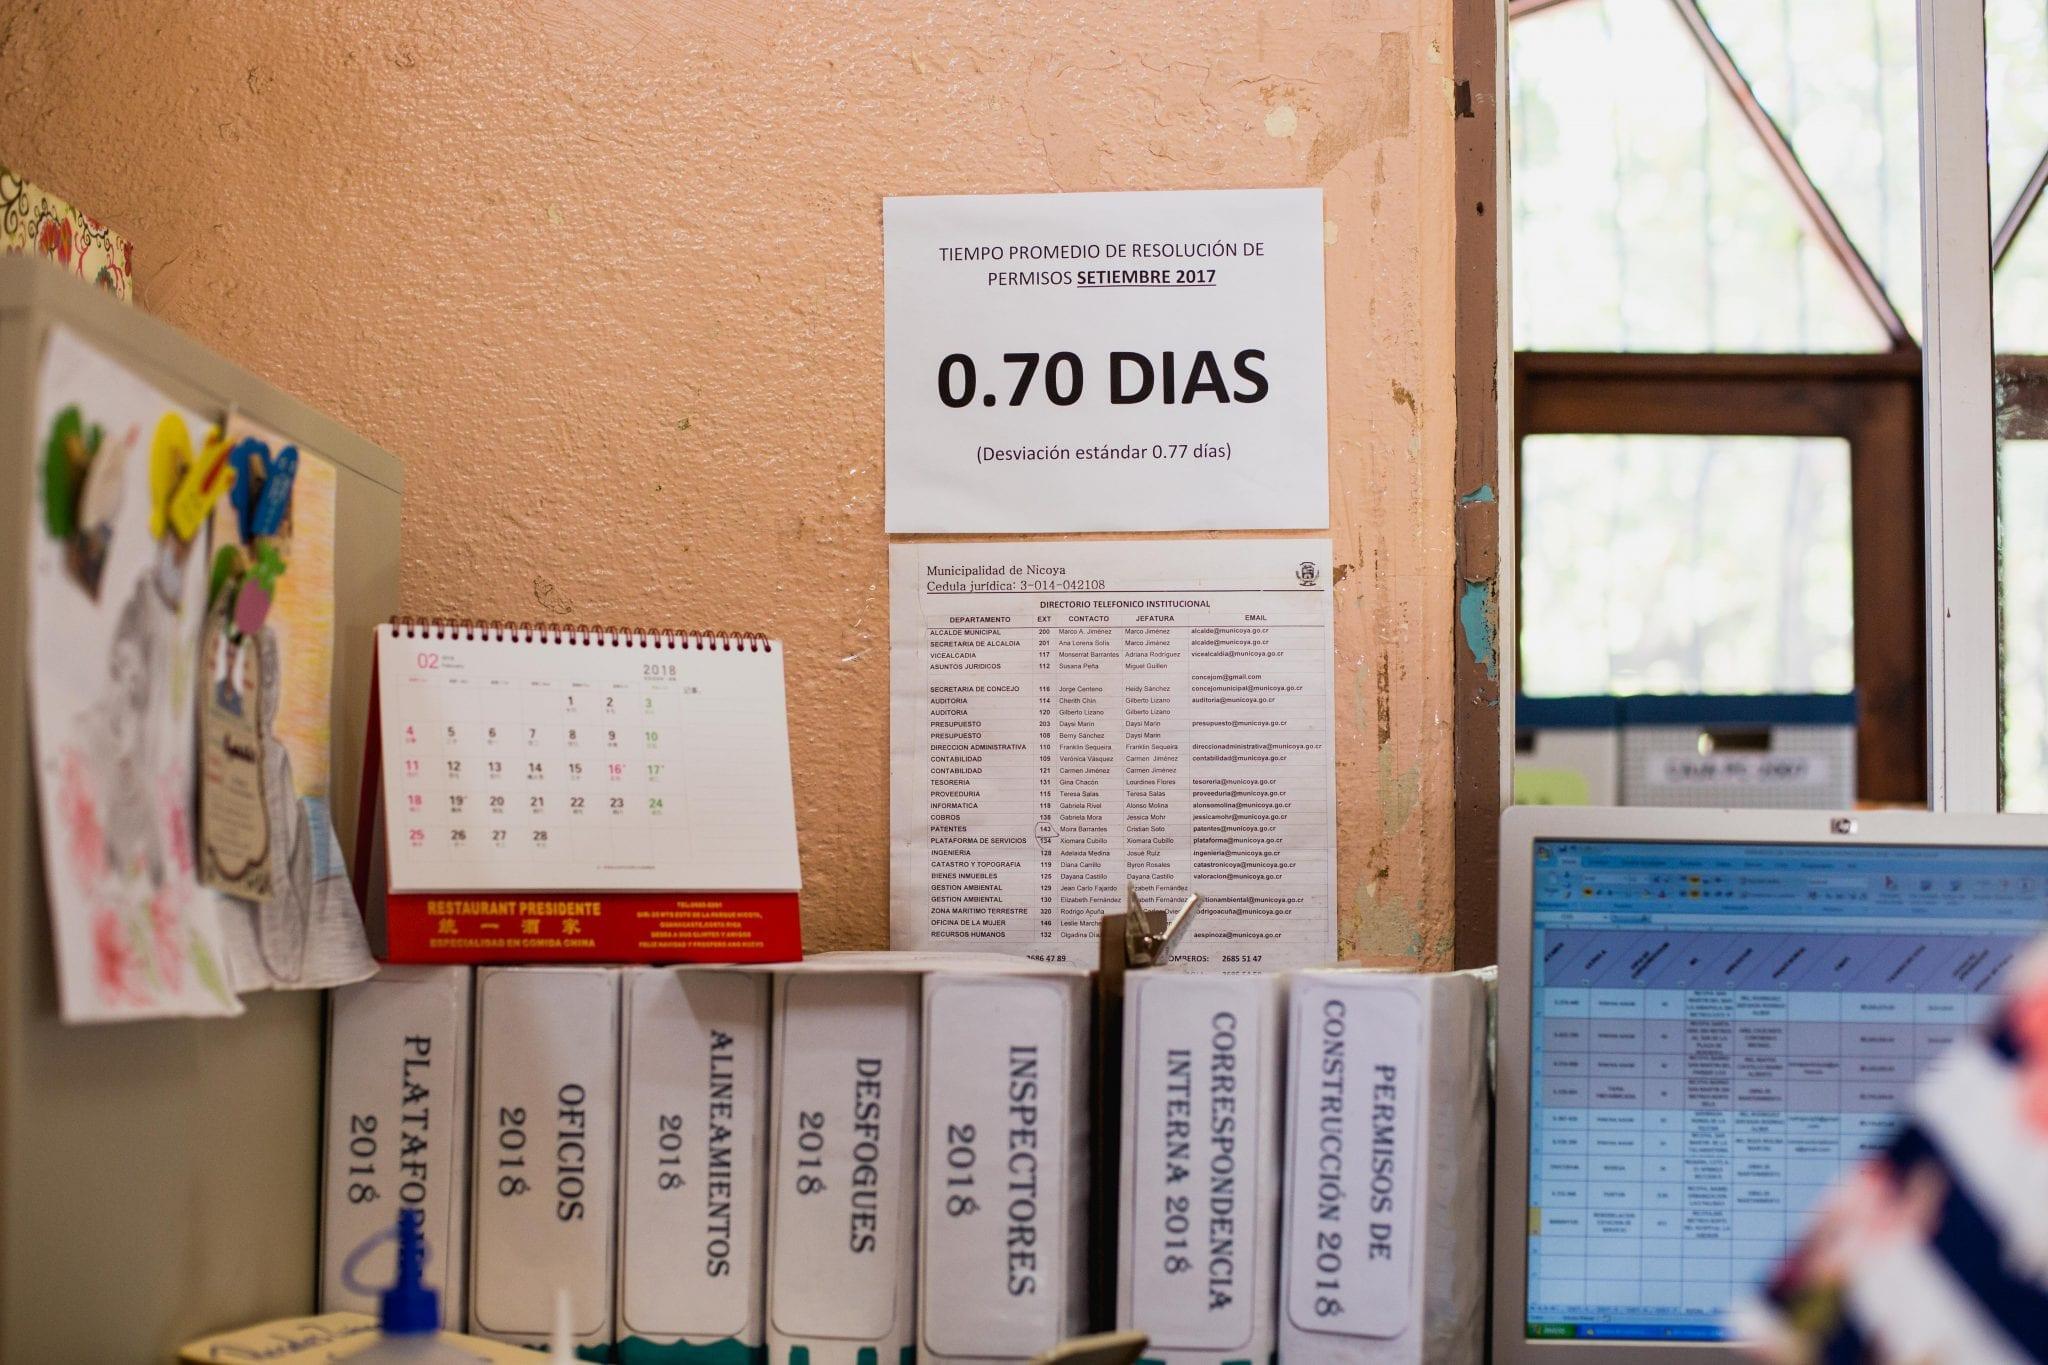 El departamento de ingeniería evalúa mensualmente su tiempo de respuesta a los trámites y pega un papel en la pared para retarse todos los días.